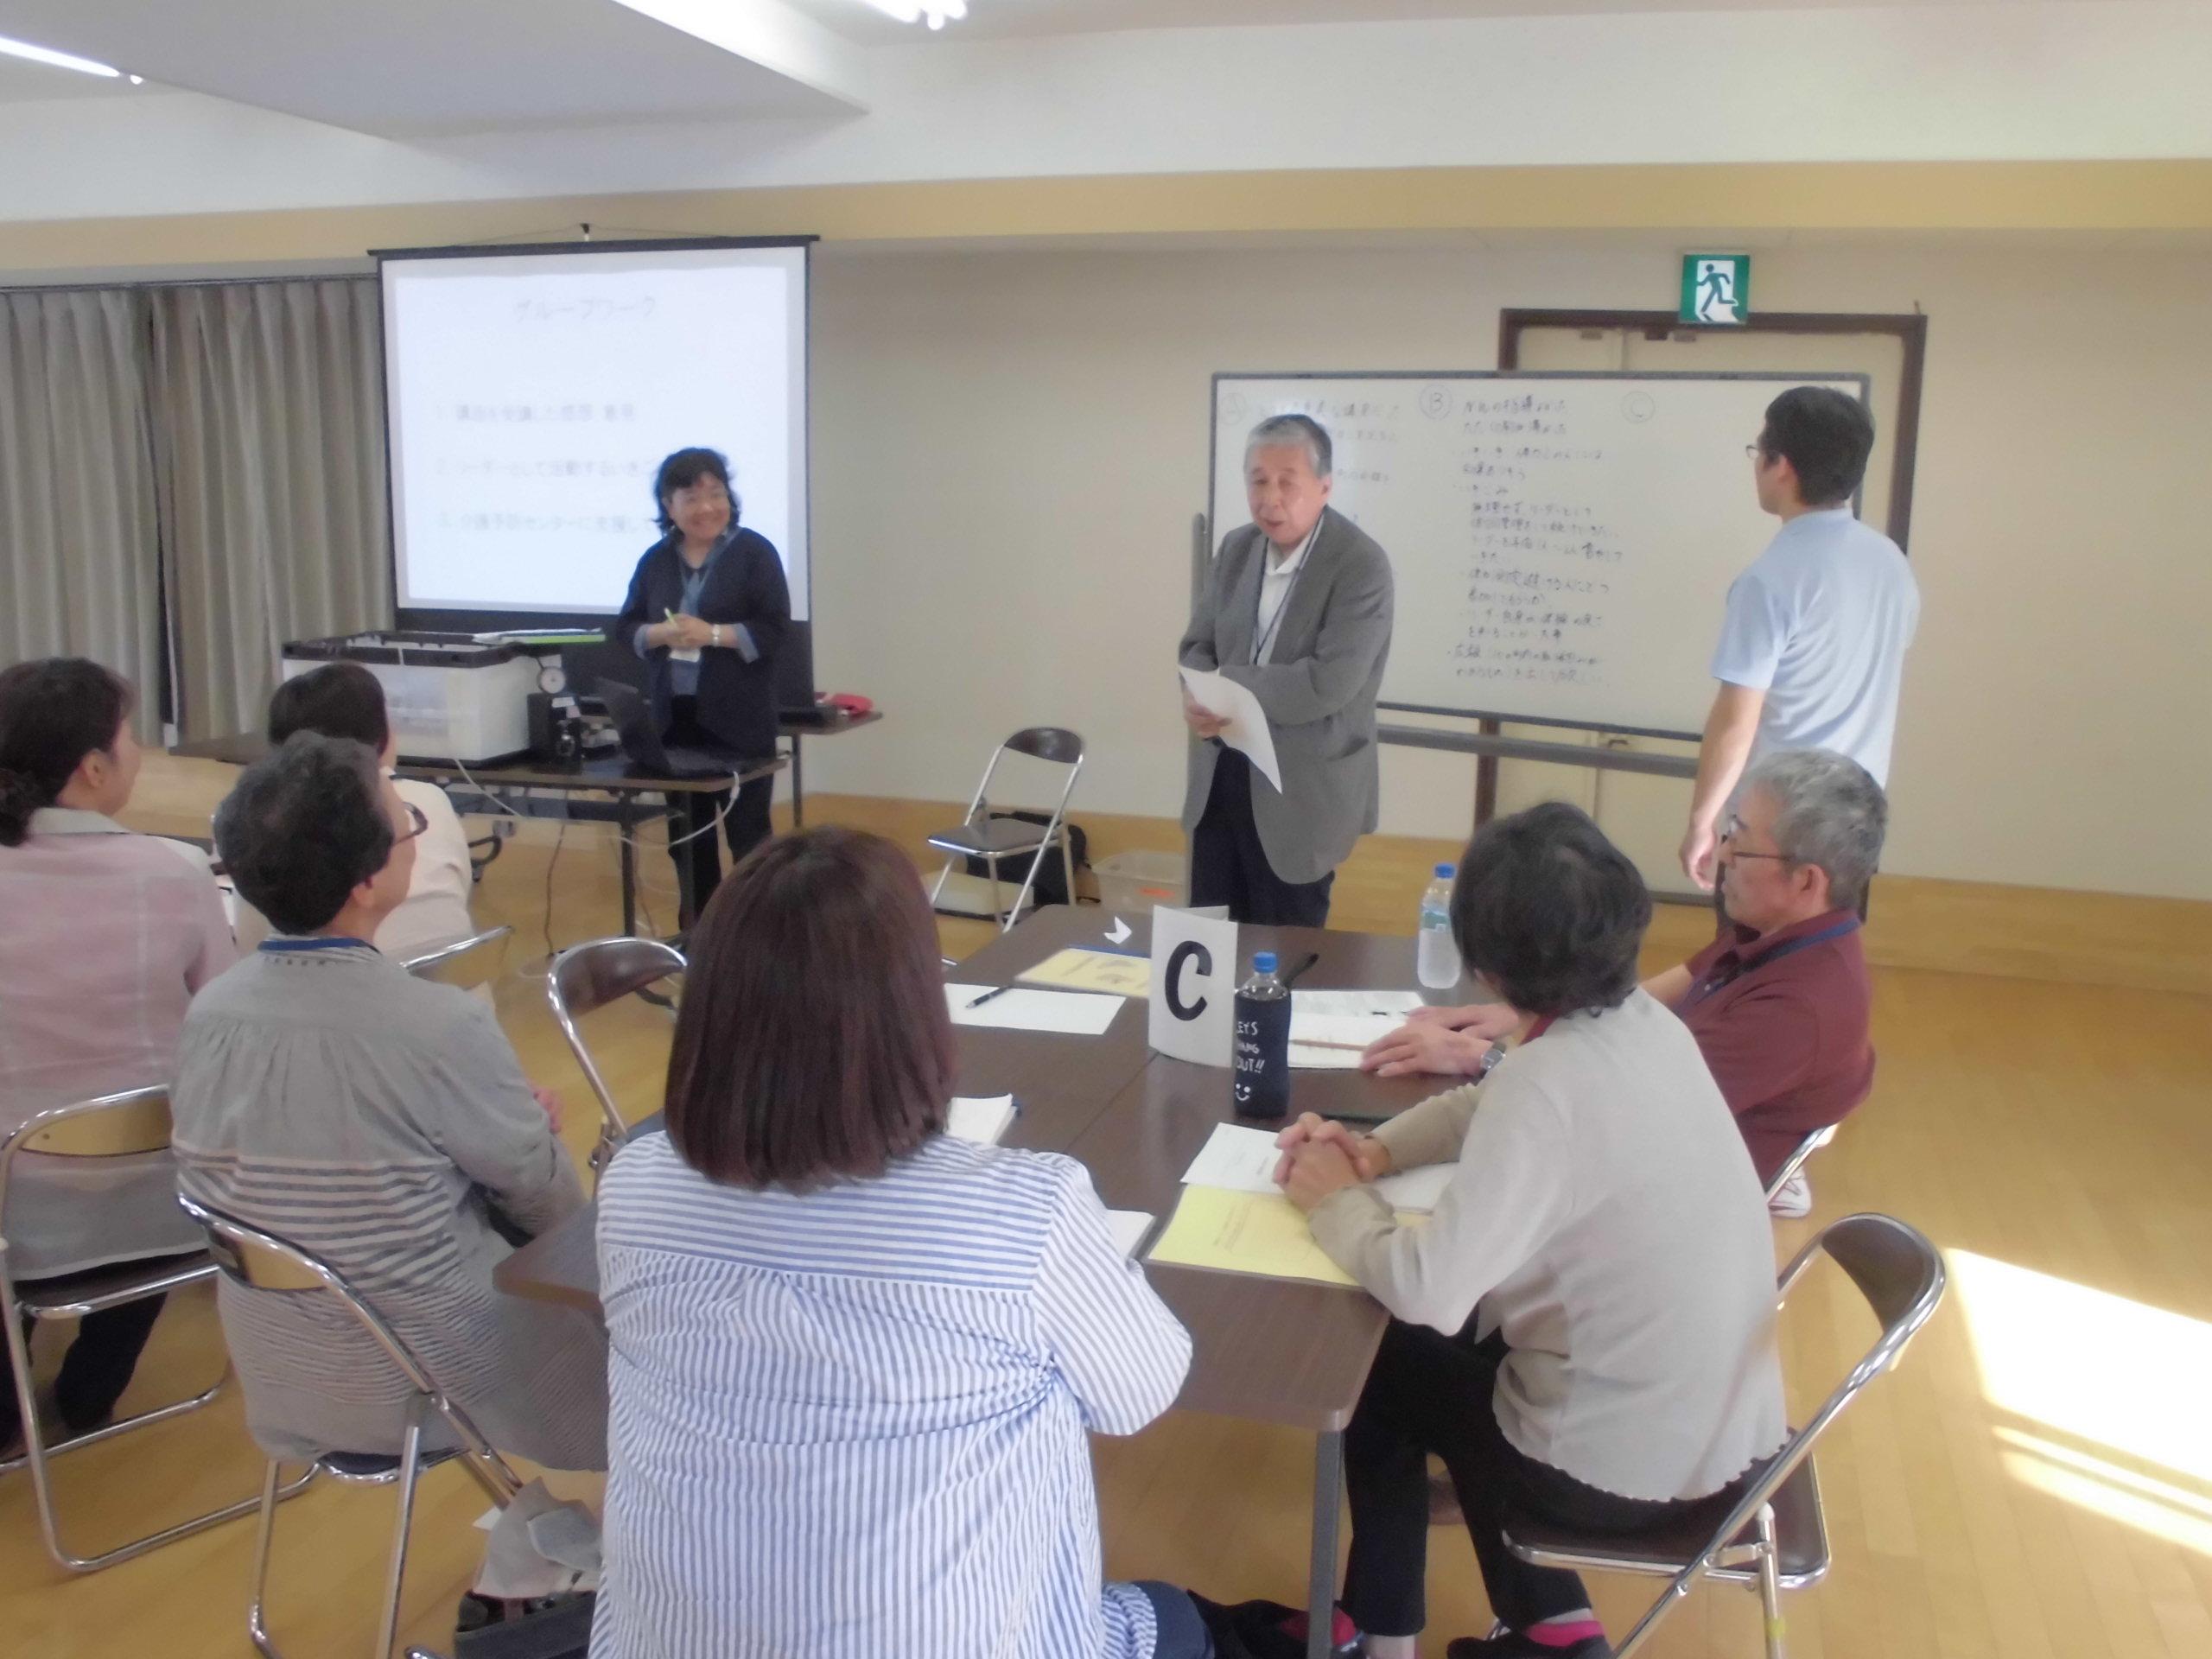 平成29年度第1回 介護予防リーダー養成講座を実施しました | 社會福祉法人千歳市社會福祉協議會